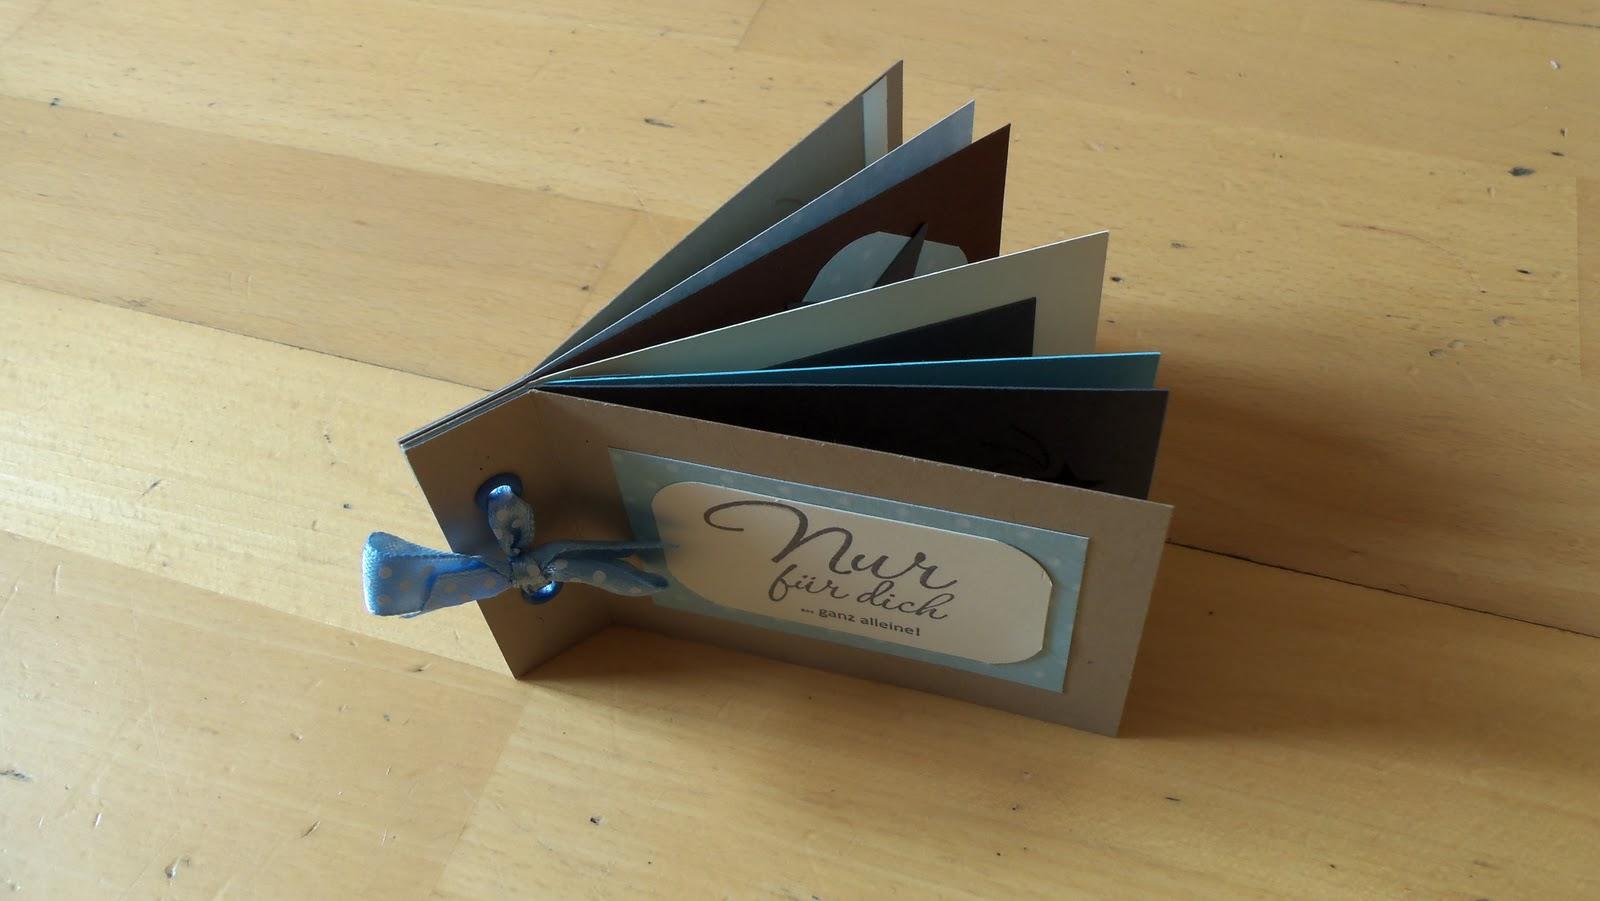 sabines stempelwelt kleines fotoalbum. Black Bedroom Furniture Sets. Home Design Ideas